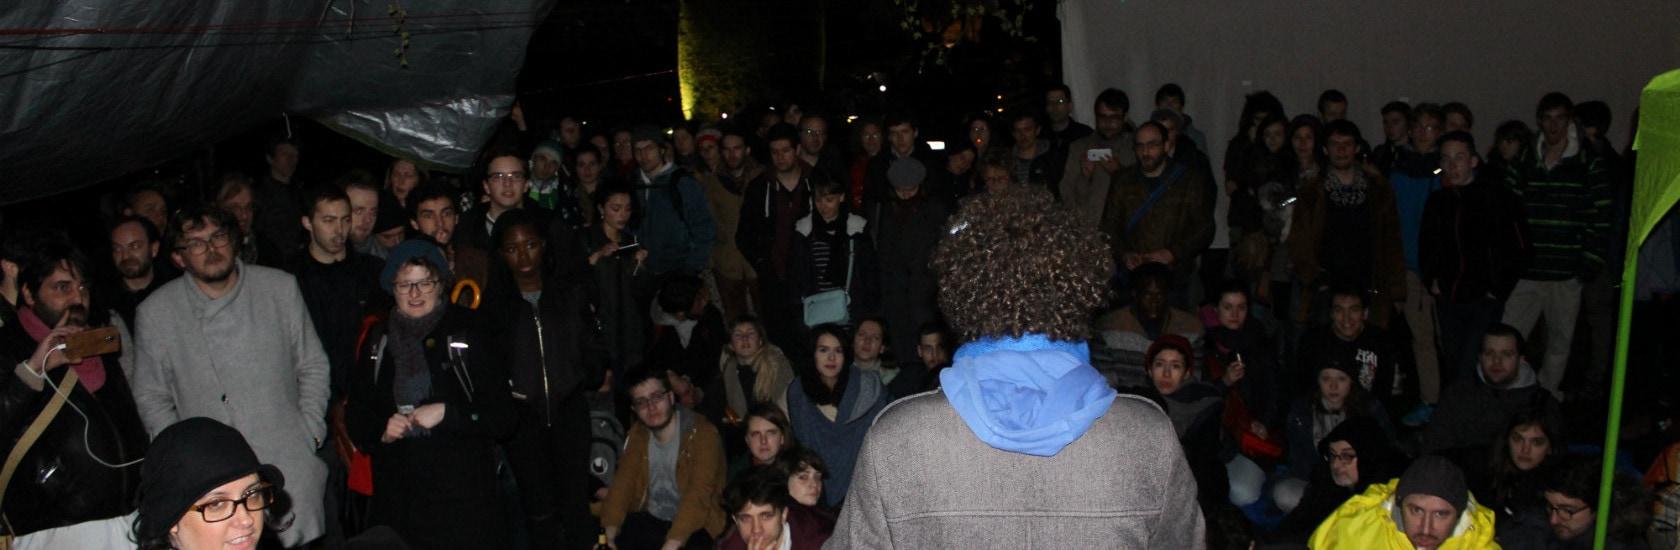 #NuitDebout : 300 Strasbourgeois se donnent rendez-vous